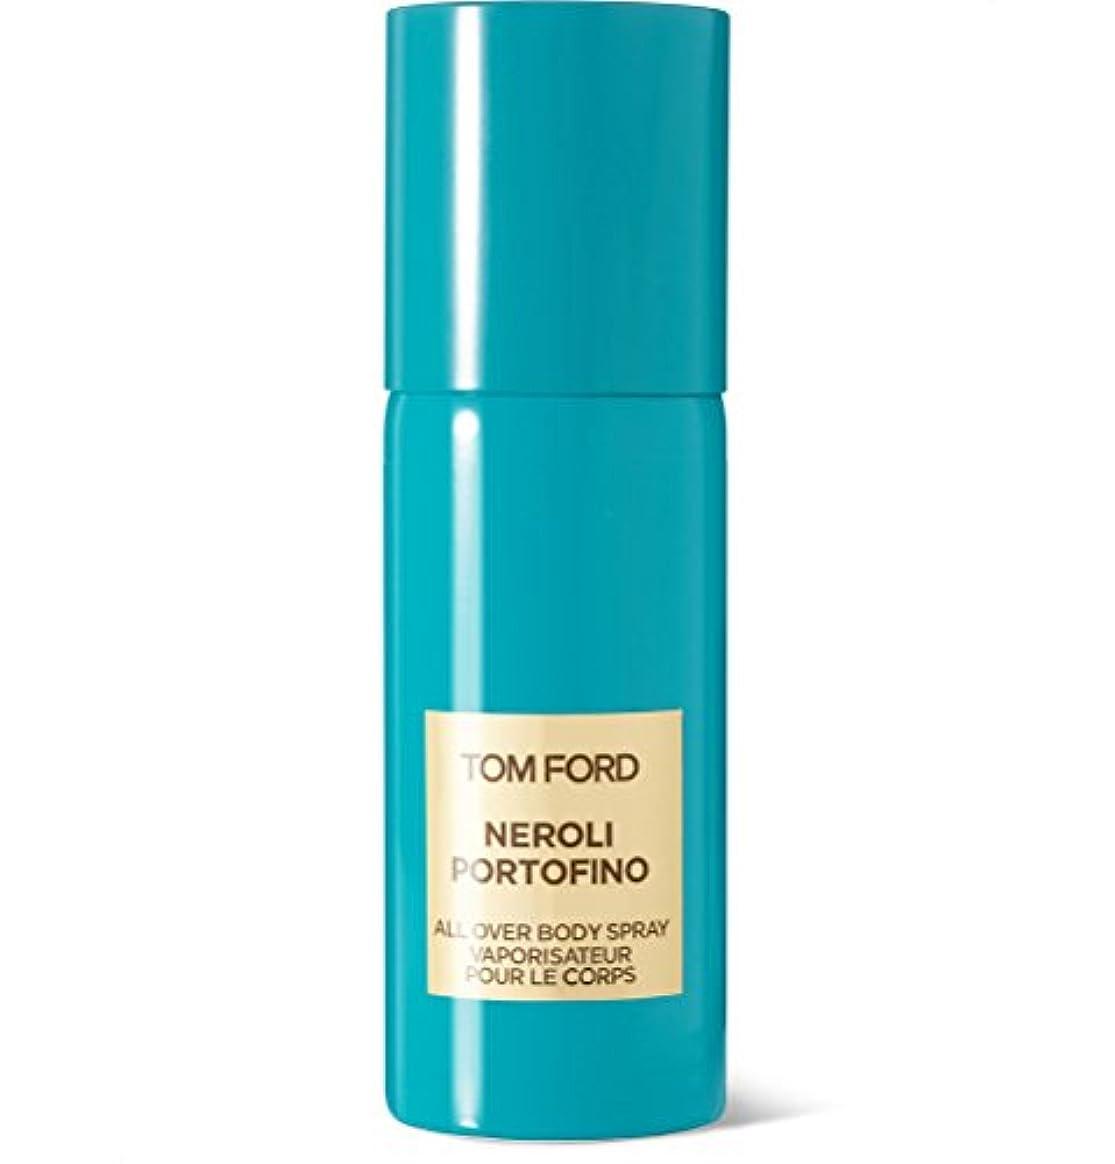 郊外ふさわしいくつろぎTom Ford Private Blend 'Neroli Portofino' (トムフォード プライベートブレンド ネロリポートフィーノ) 5.0 oz (150ml) Body Spray